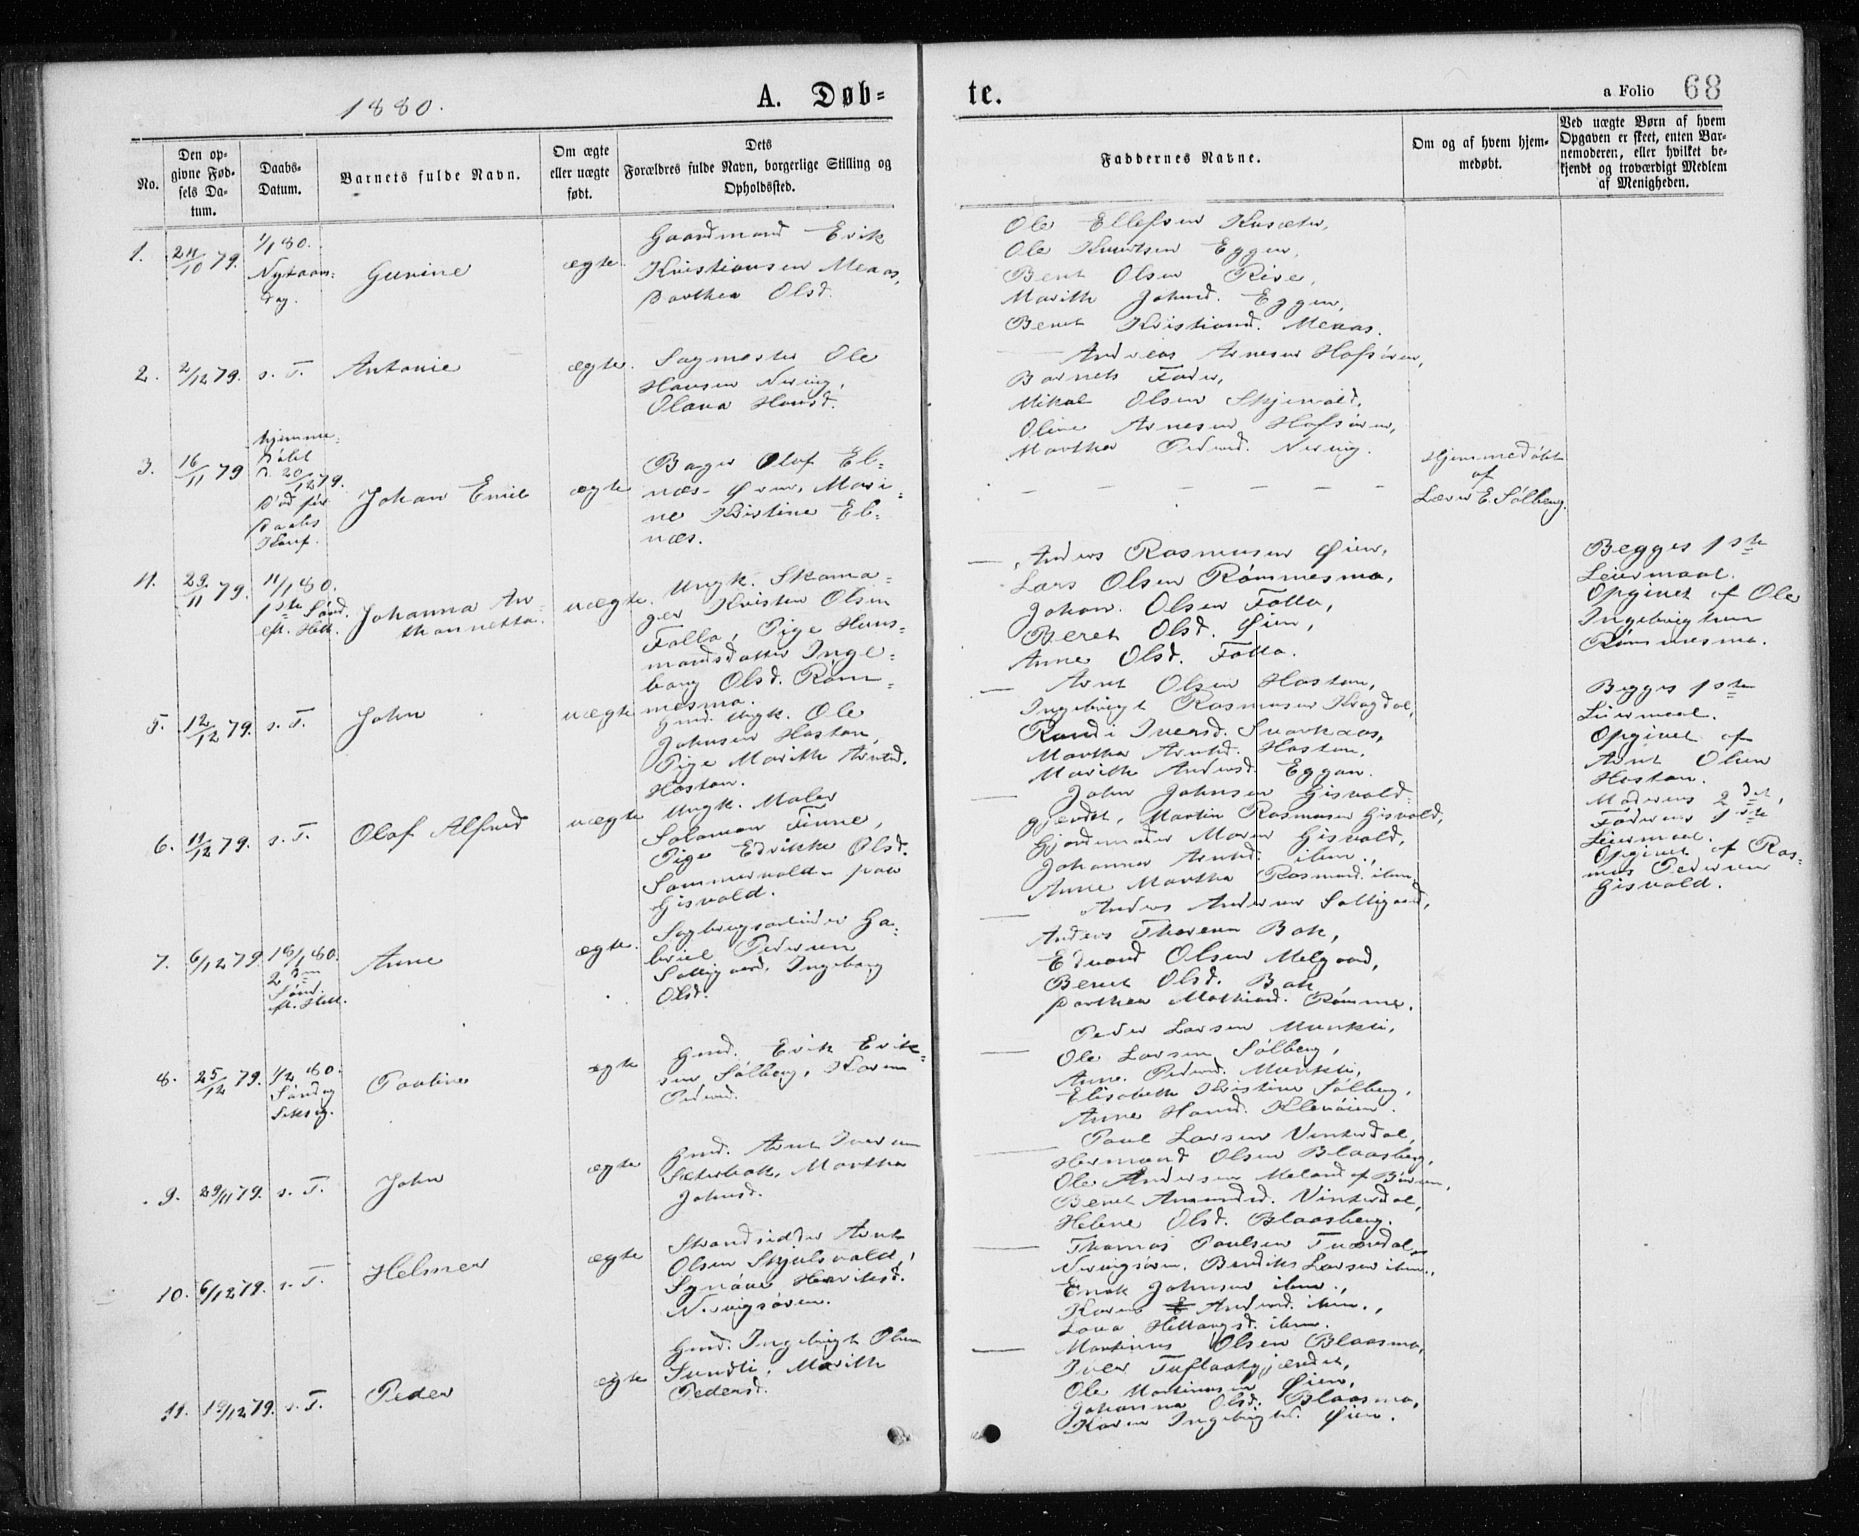 SAT, Ministerialprotokoller, klokkerbøker og fødselsregistre - Sør-Trøndelag, 668/L0817: Klokkerbok nr. 668C06, 1873-1884, s. 68